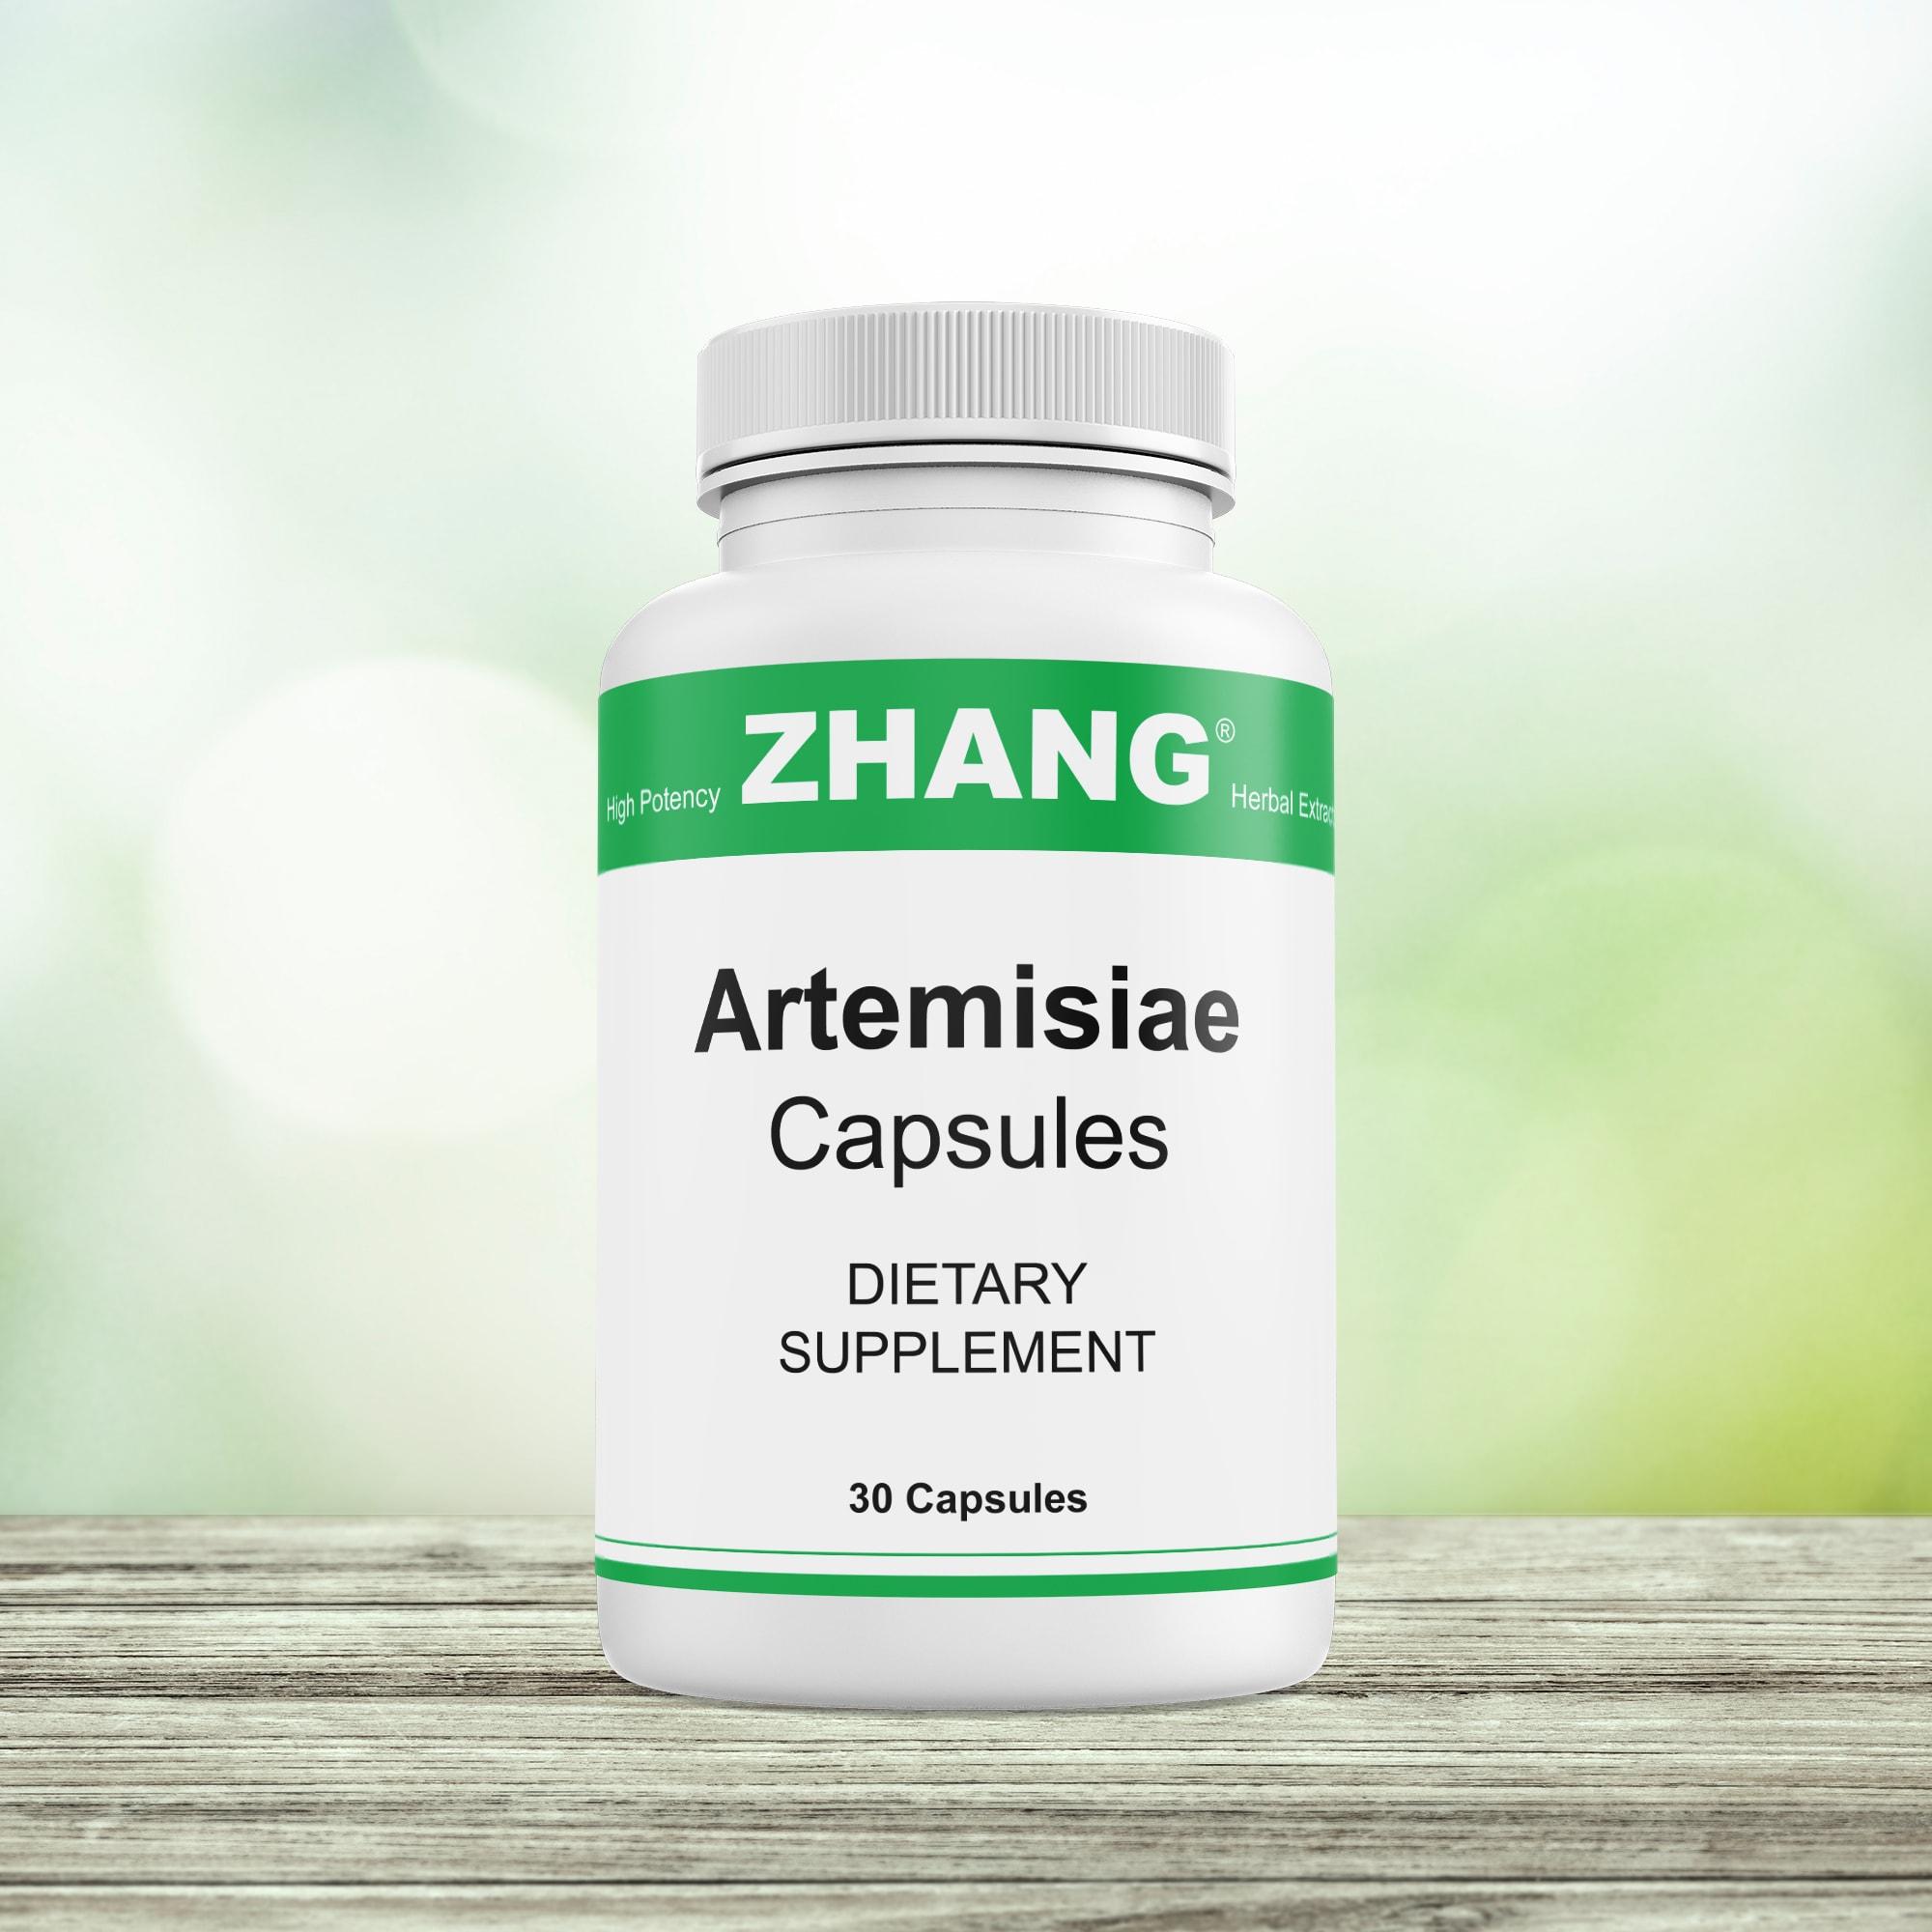 Artemisiae-2 Caps